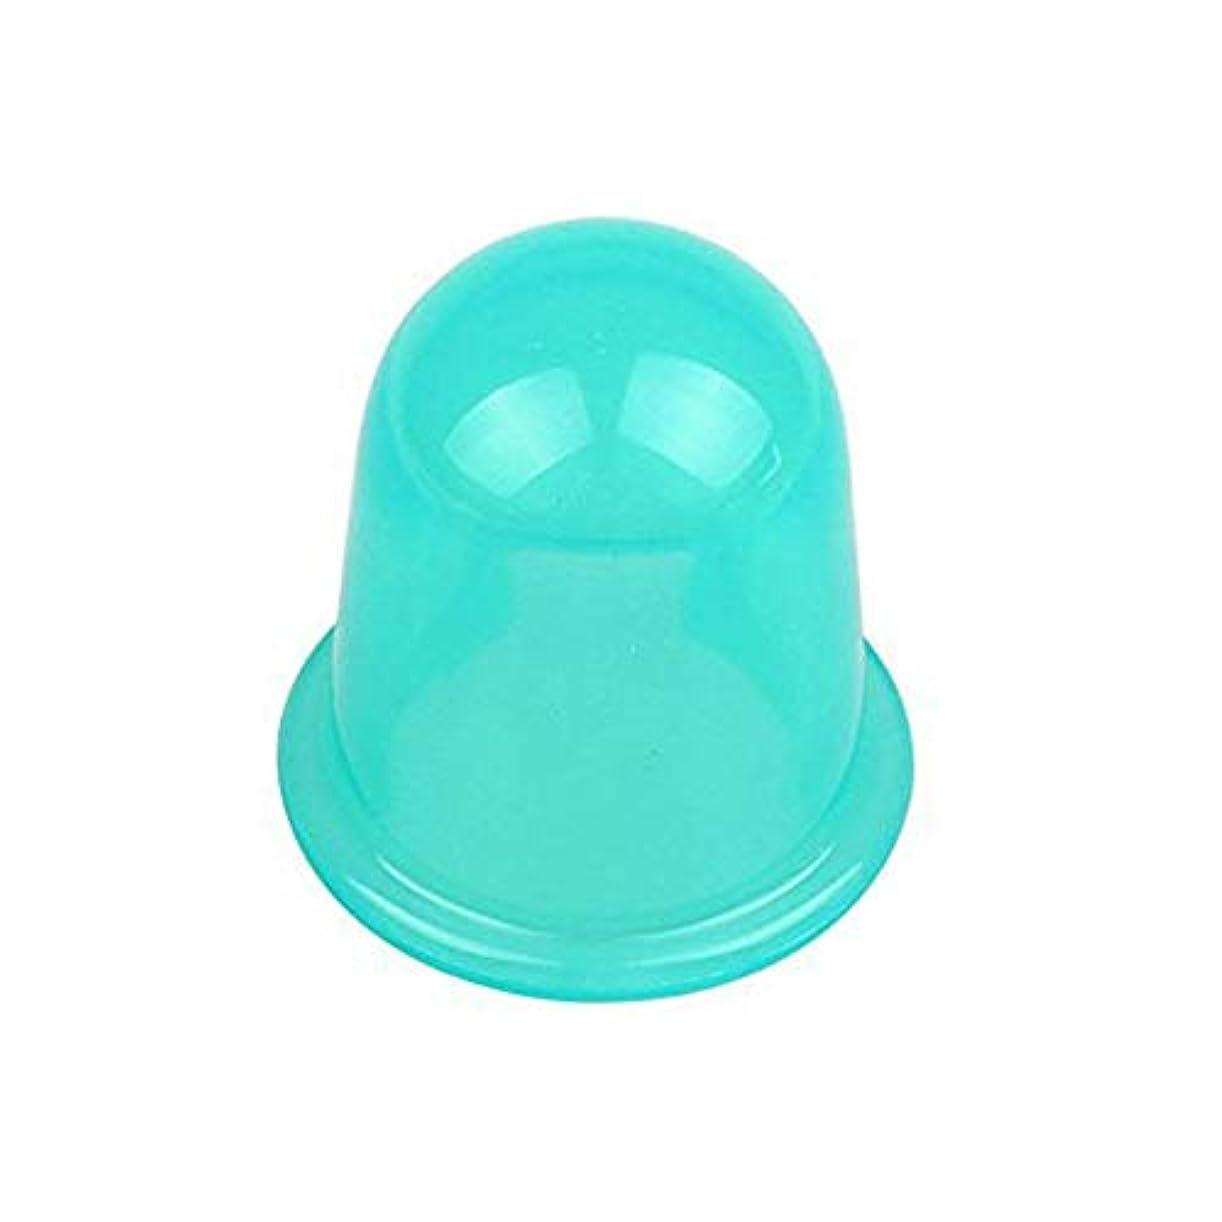 来て性交支払う耐久性のある水分吸収体アンチセルライト真空カッピングカップデバイスフェイシャルボディマッサージセラピーシリコーンカッピングカップ - グリーン